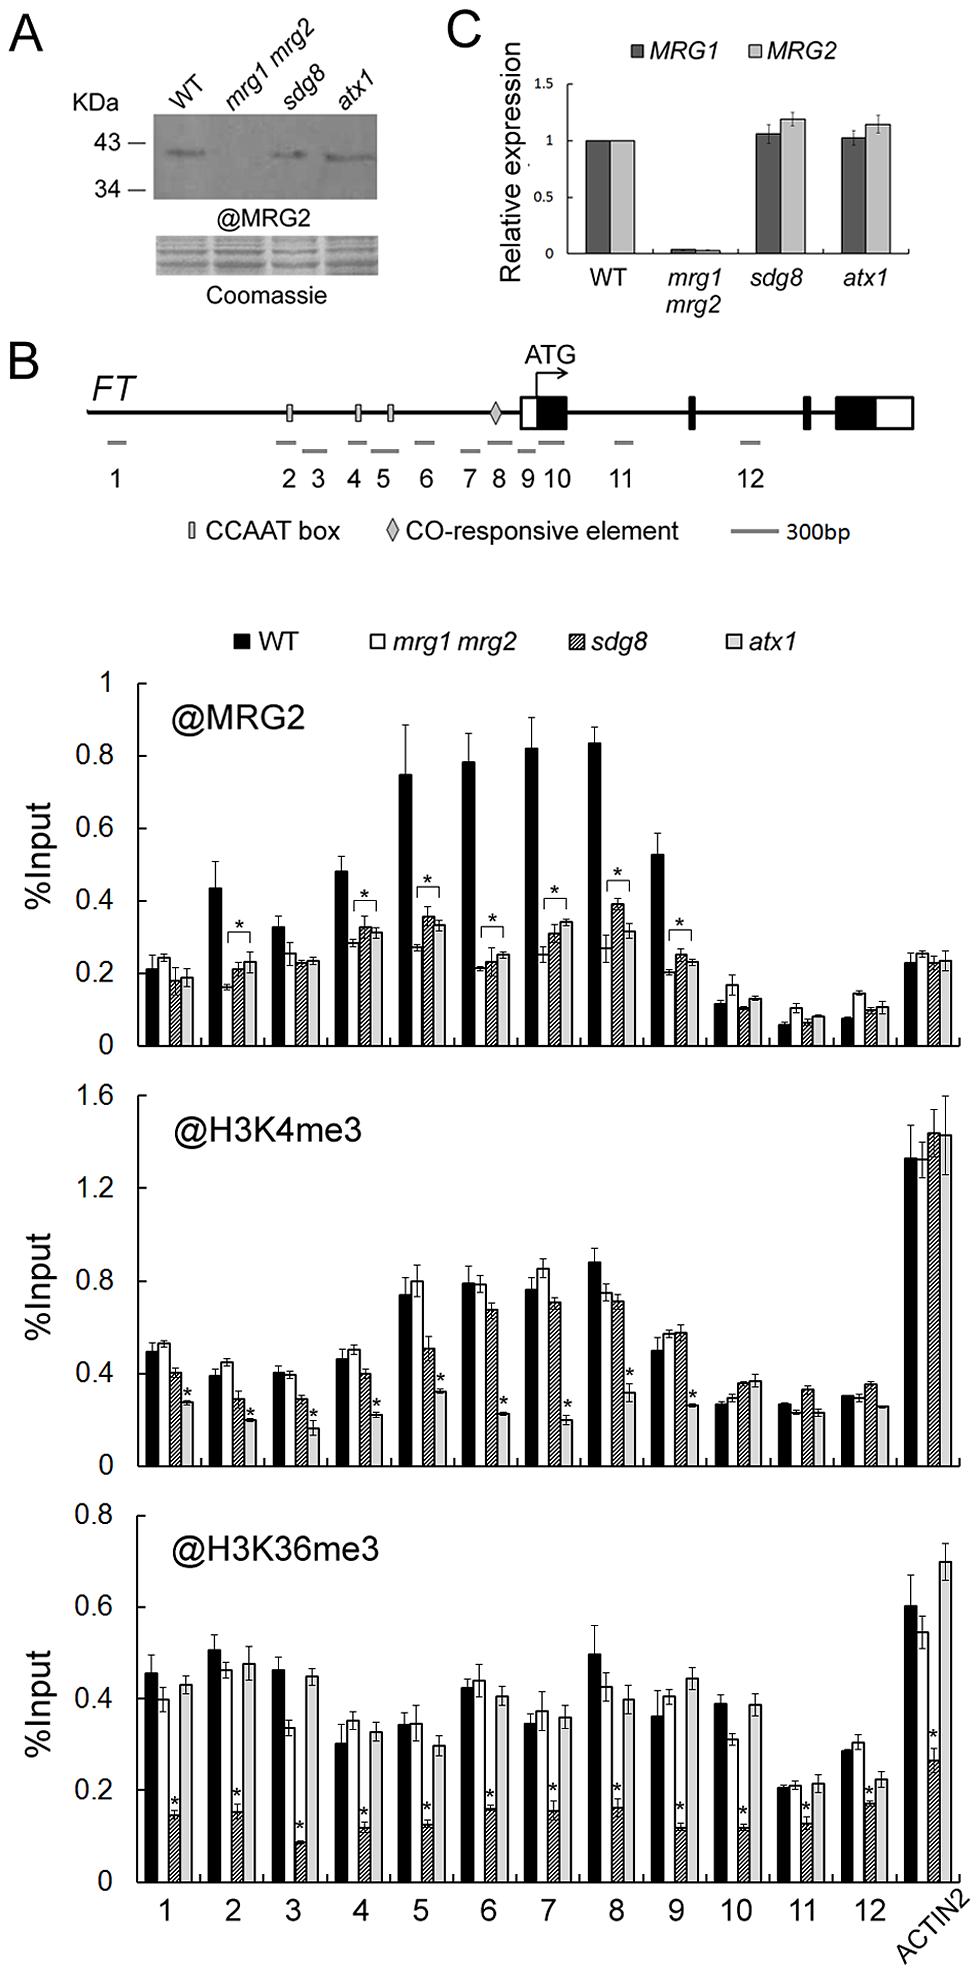 MRG2 binds the chromatin at the <i>FT</i> promoter.